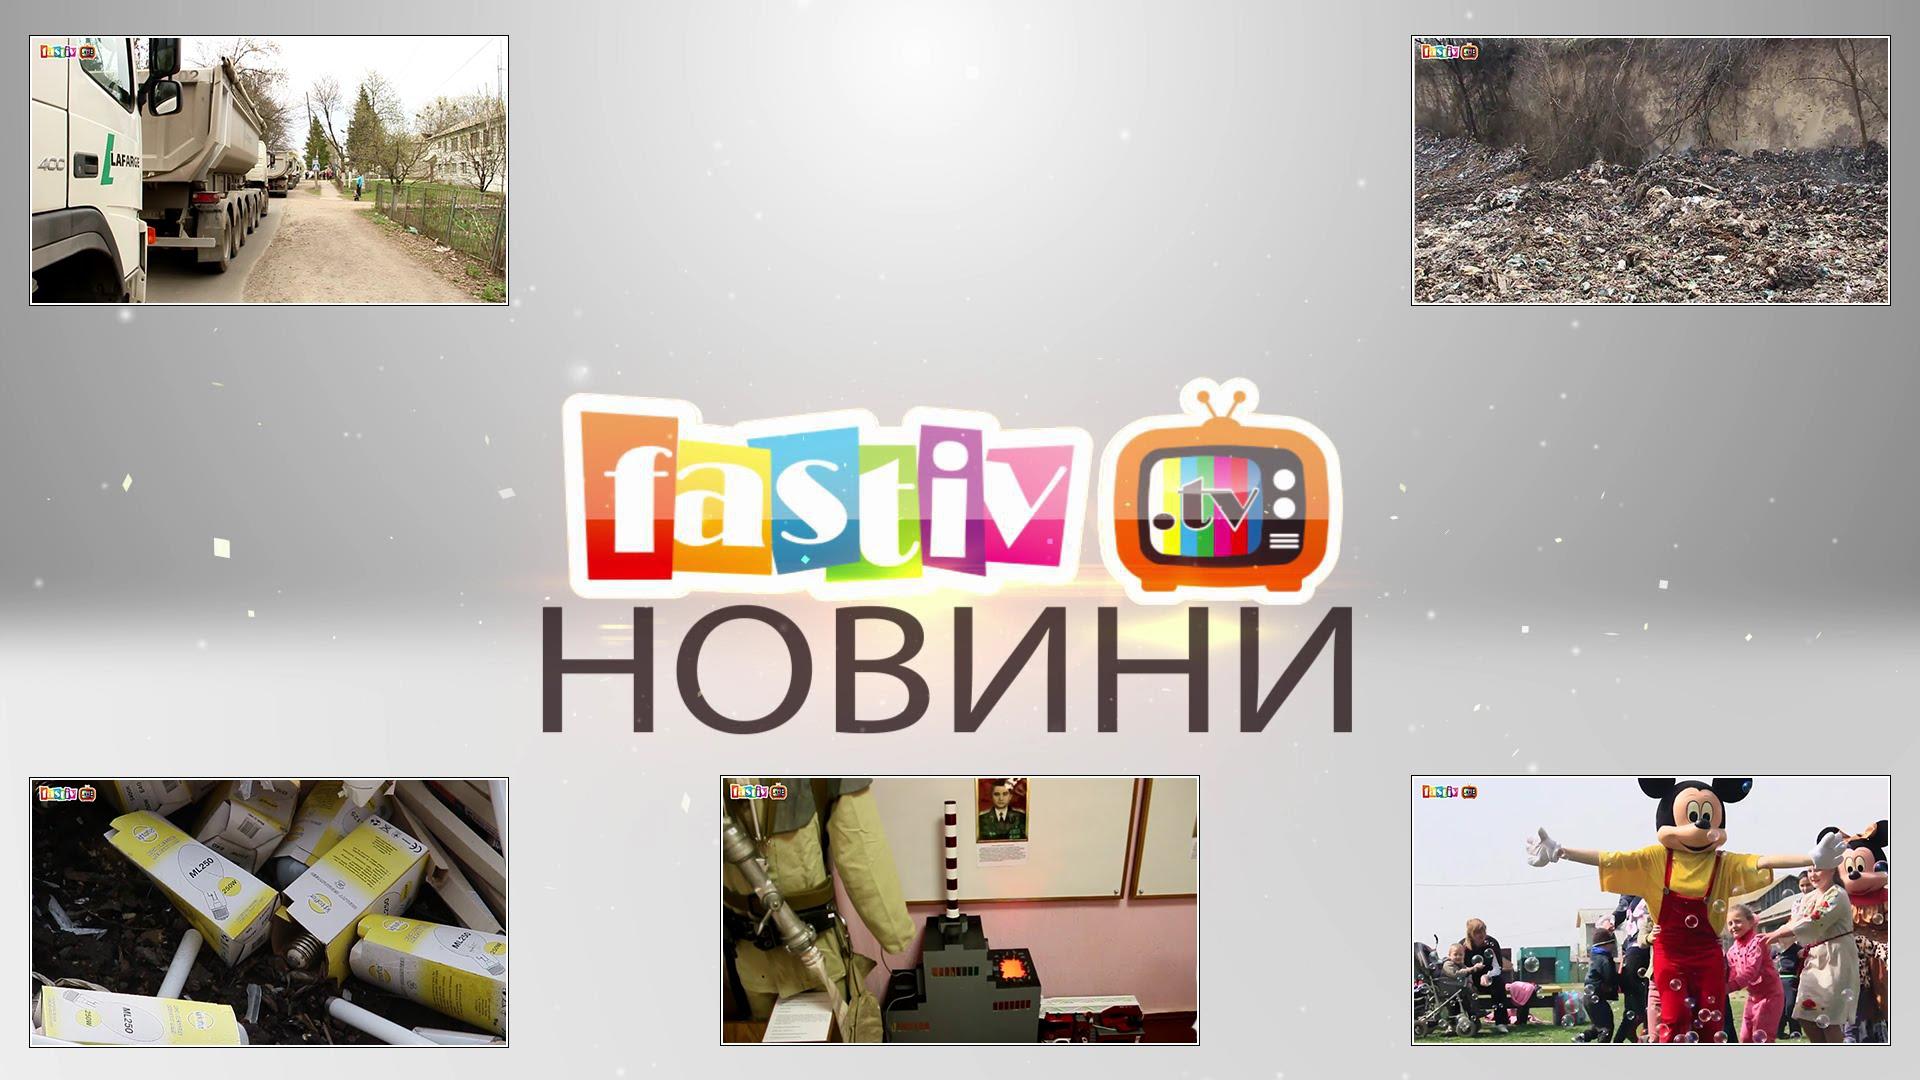 Тижневі підсумки новин від FASTIV.TV 17.04.2016